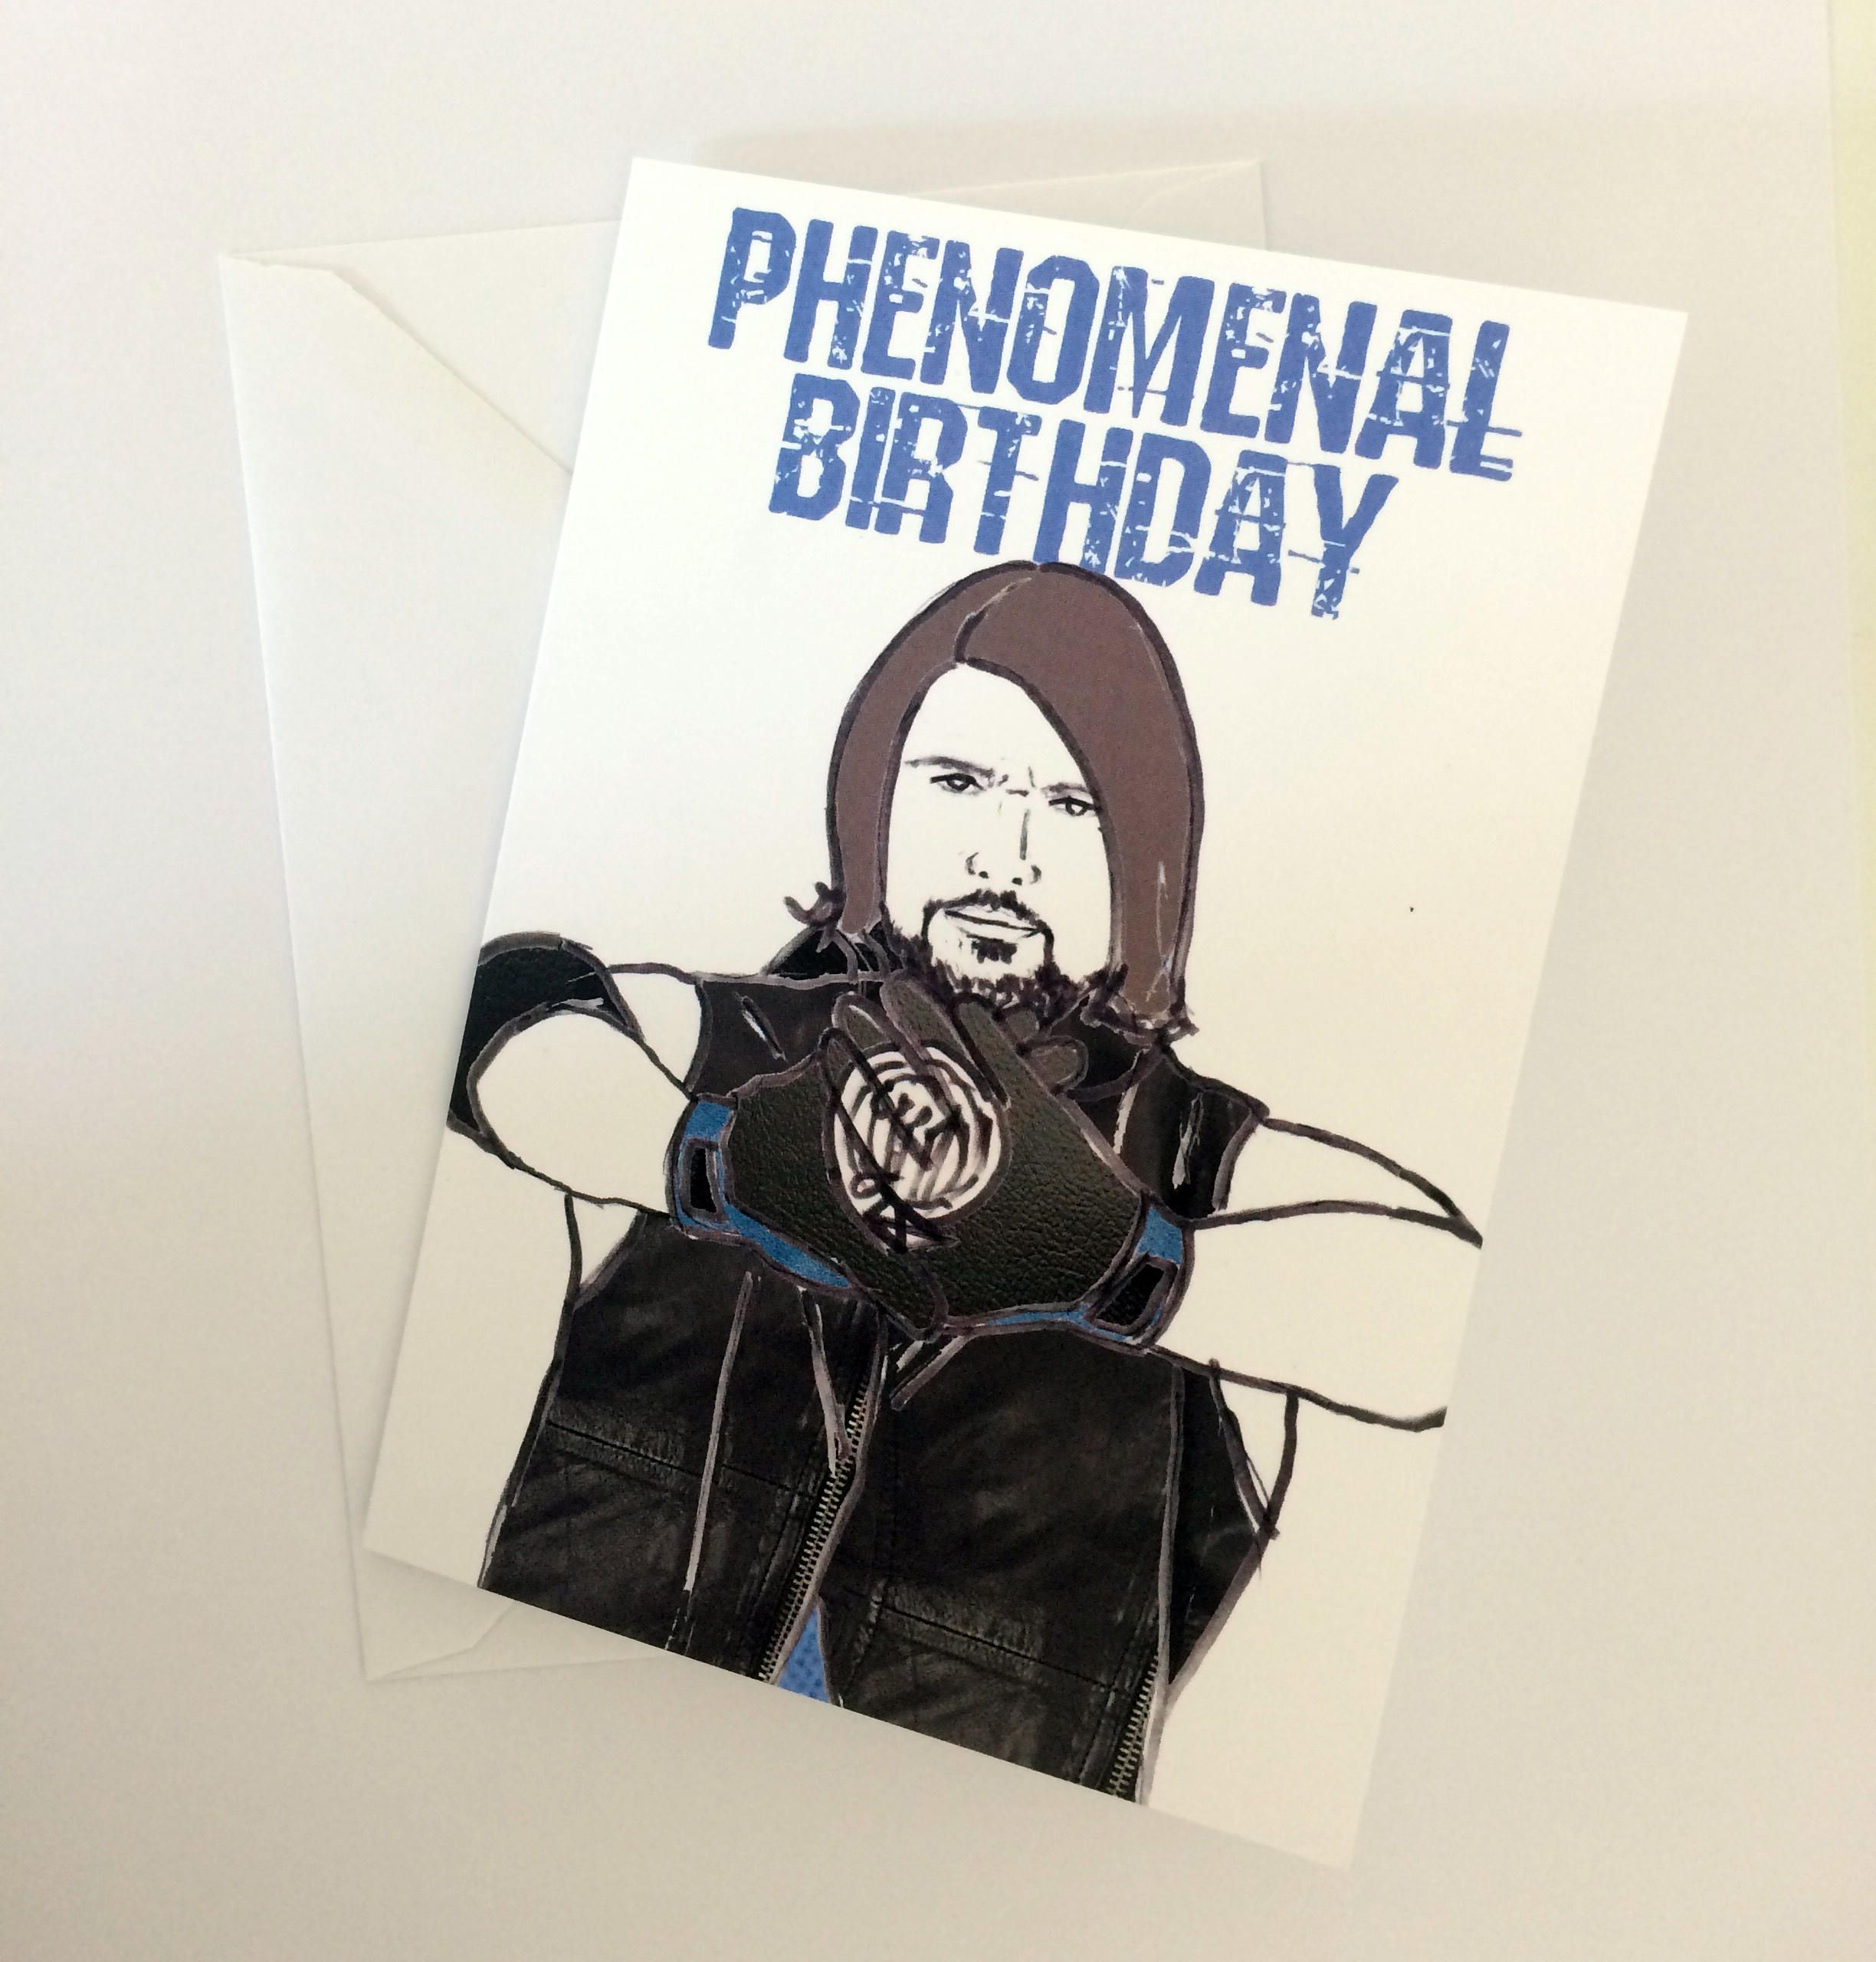 Phenomenal Birthday- Wrestling AJ Styles inspired card/invitation ...